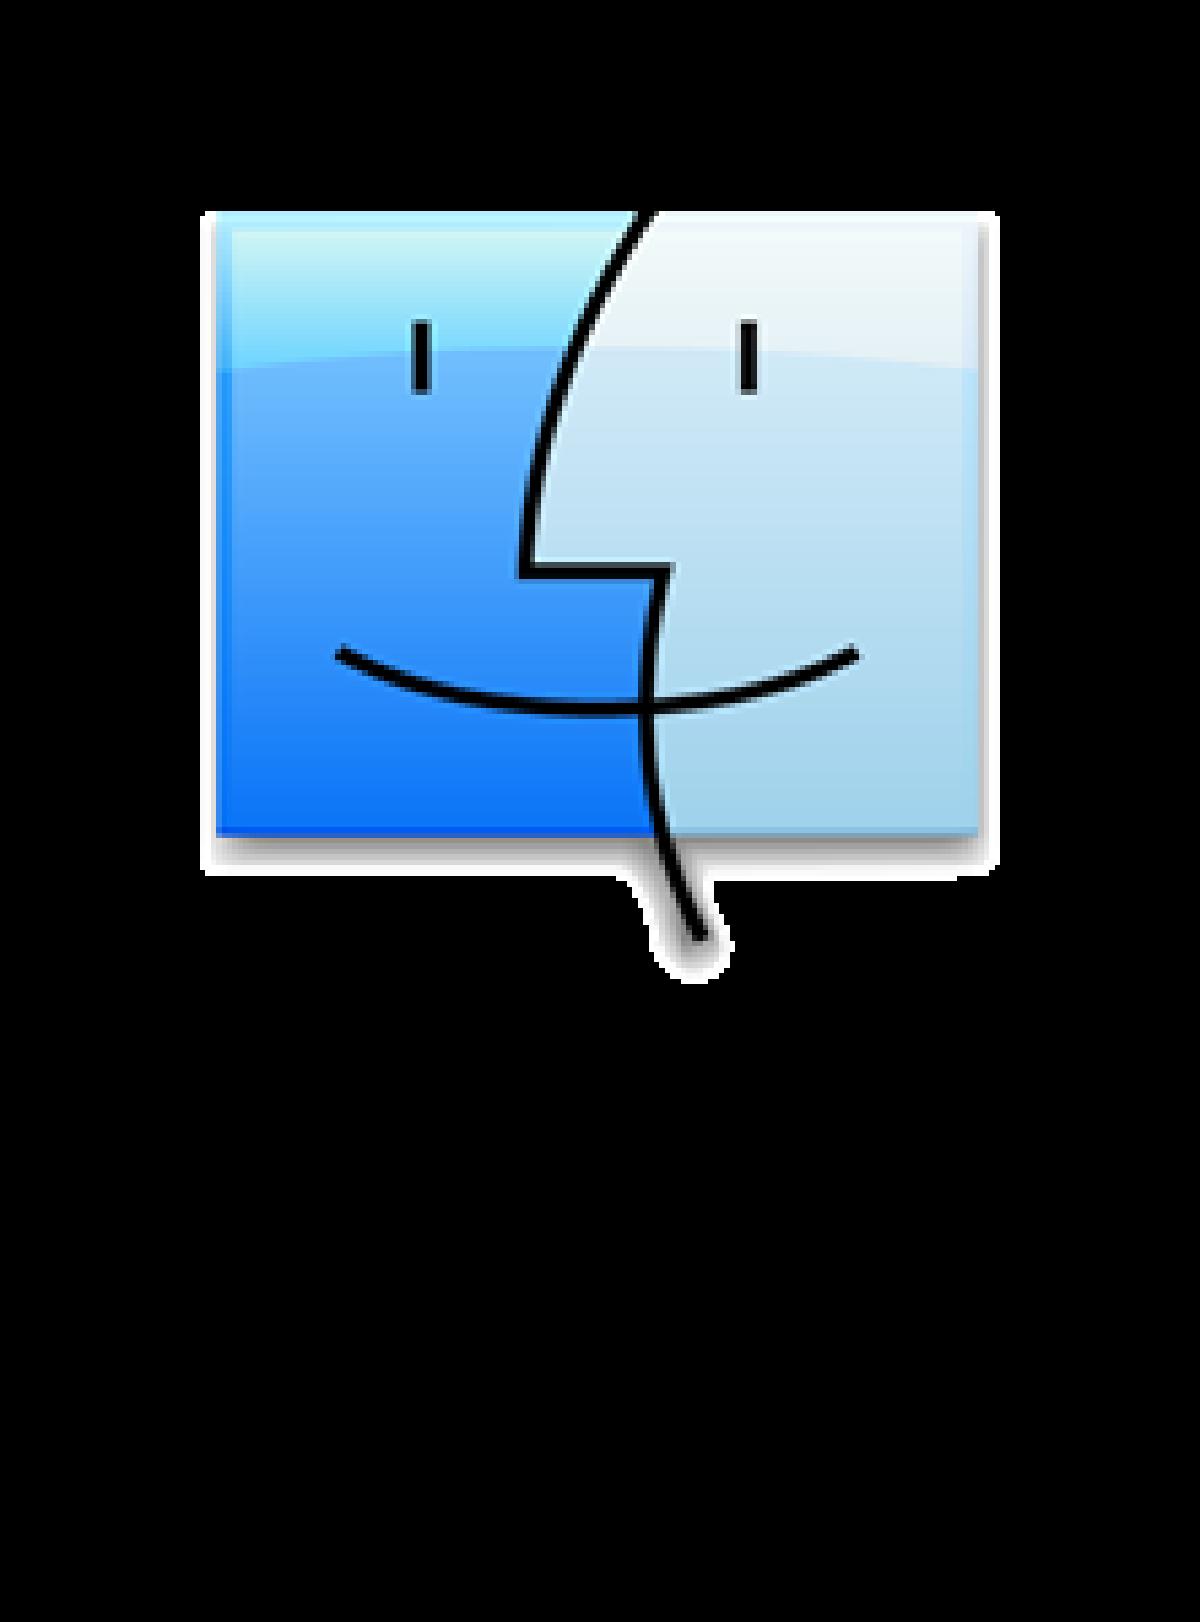 Mac_OS-logo-CE24752A9A-seeklogo_com.png